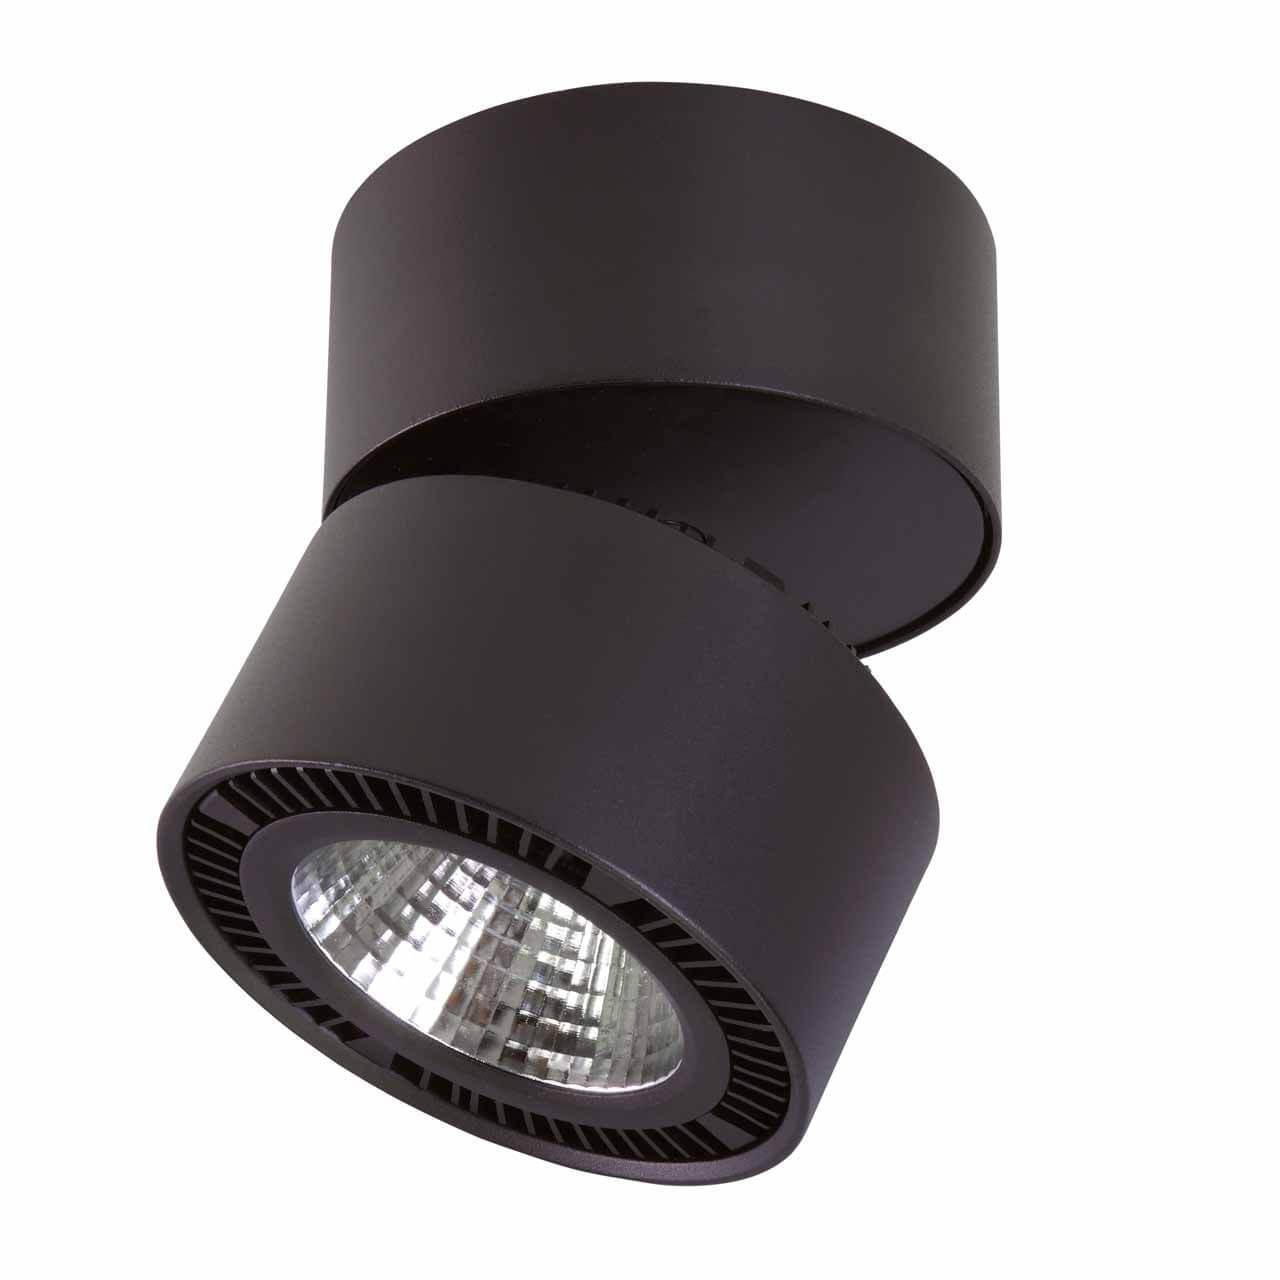 Потолочный светодиодный светильник Lightstar Forte Muro 214857 потолочный светодиодный светильник lightstar forte muro 214839